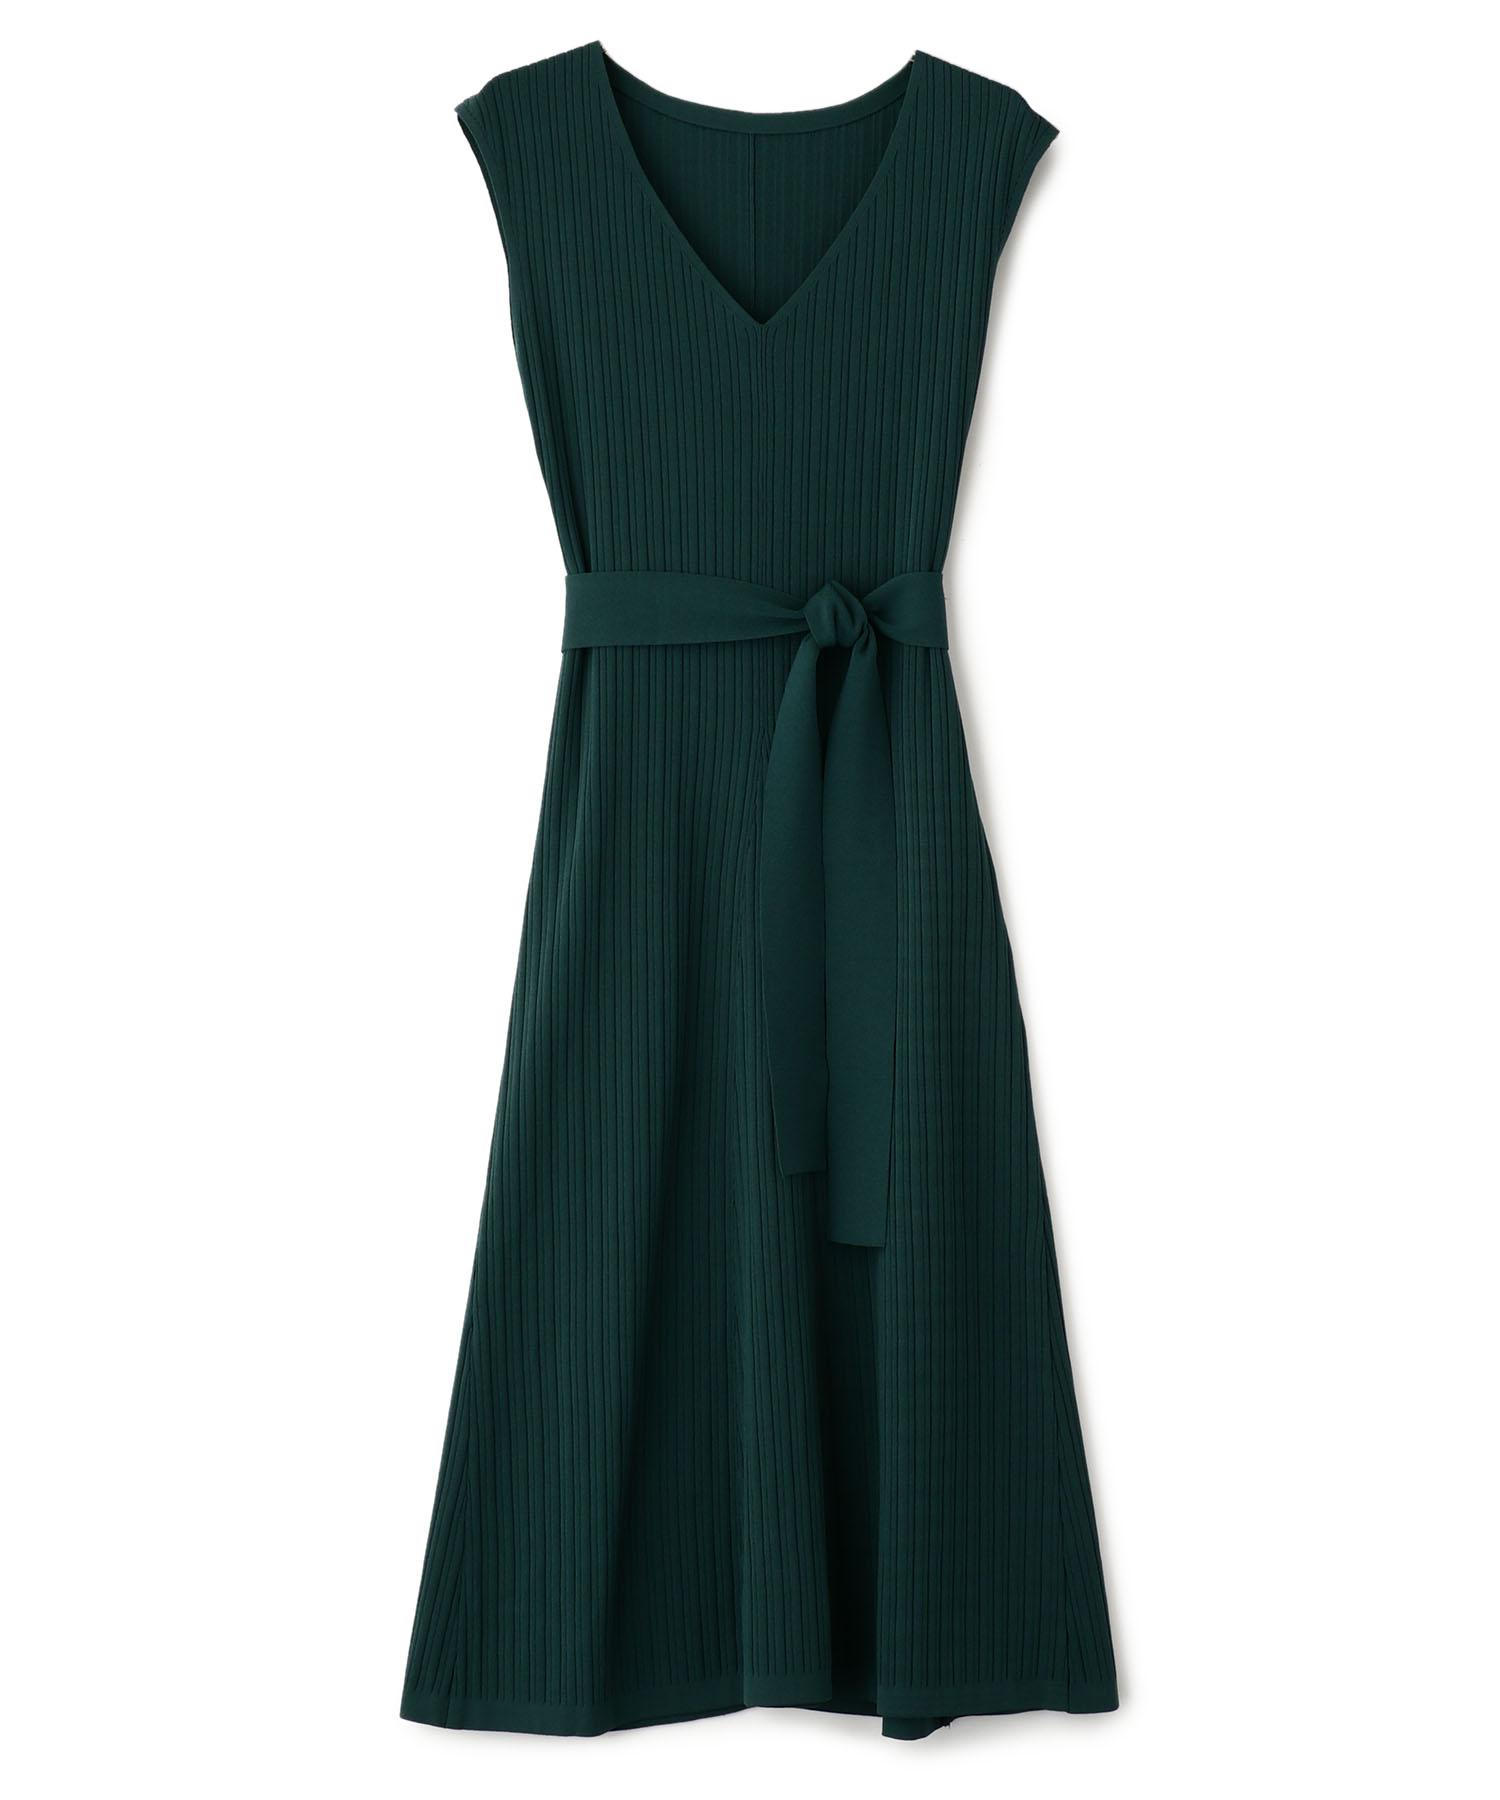 Broad Stitch Lib Flare Knit Dress